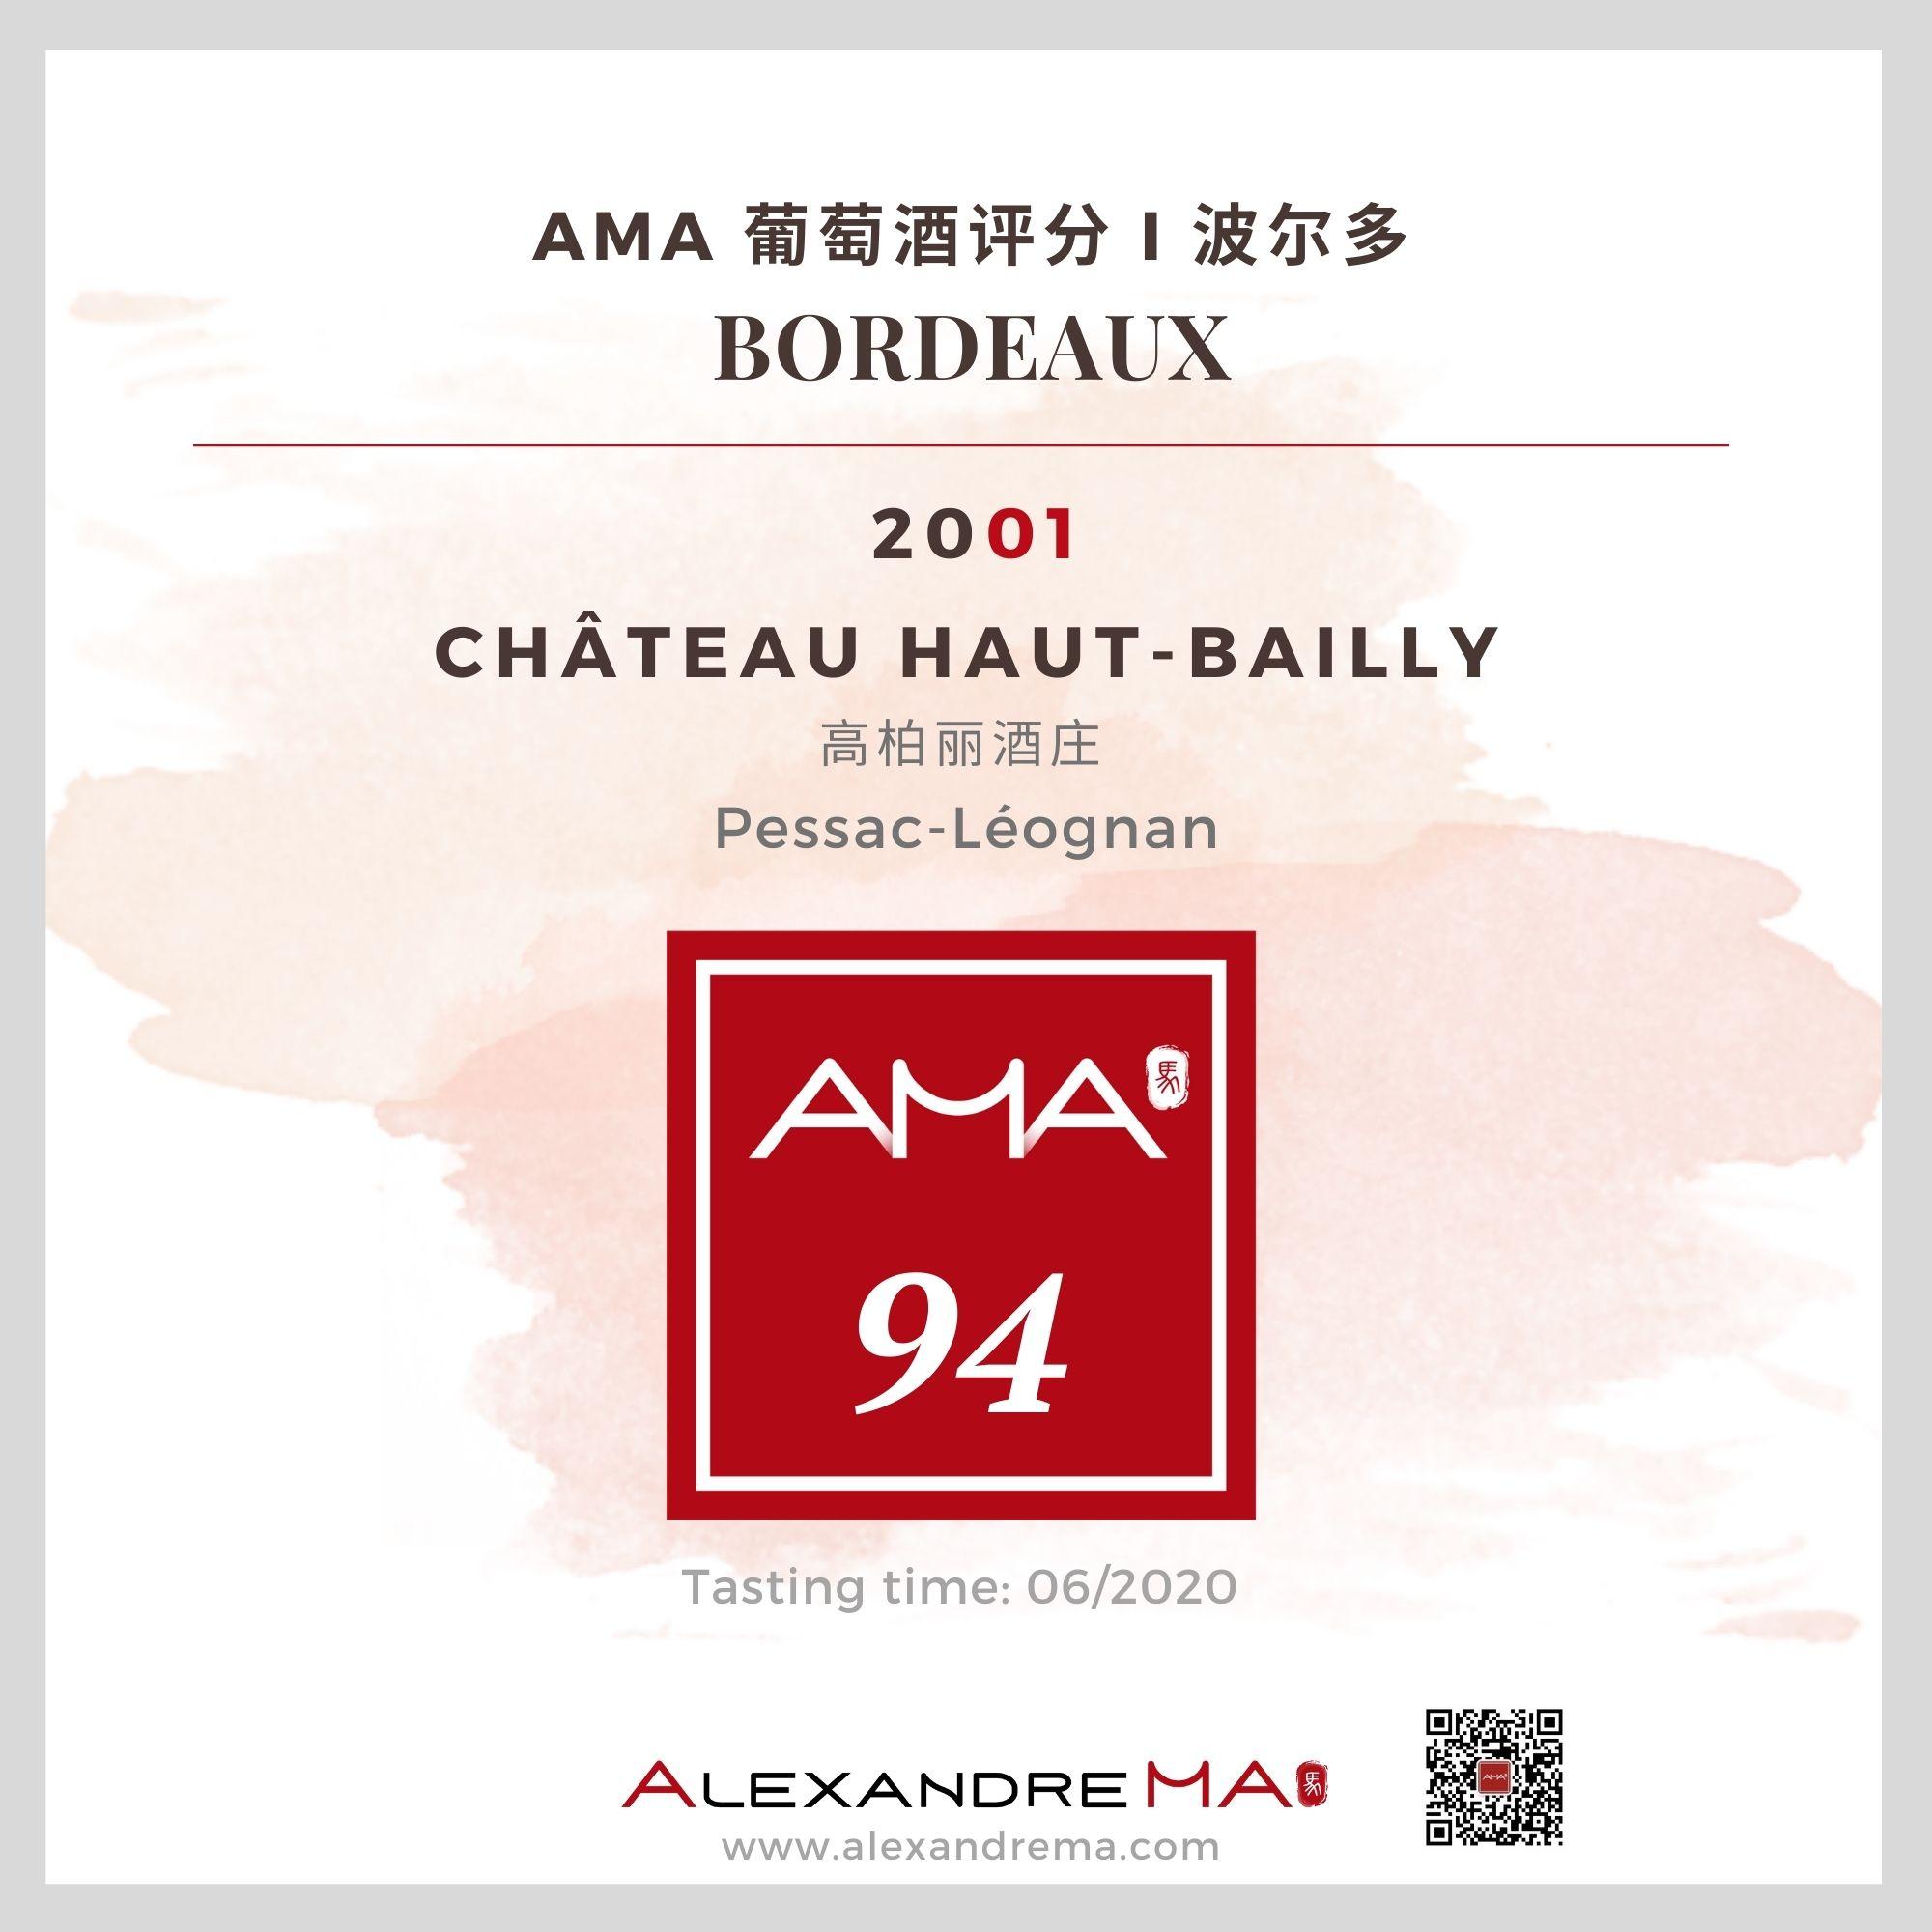 Château Haut-Bailly 2001 - Alexandre MA